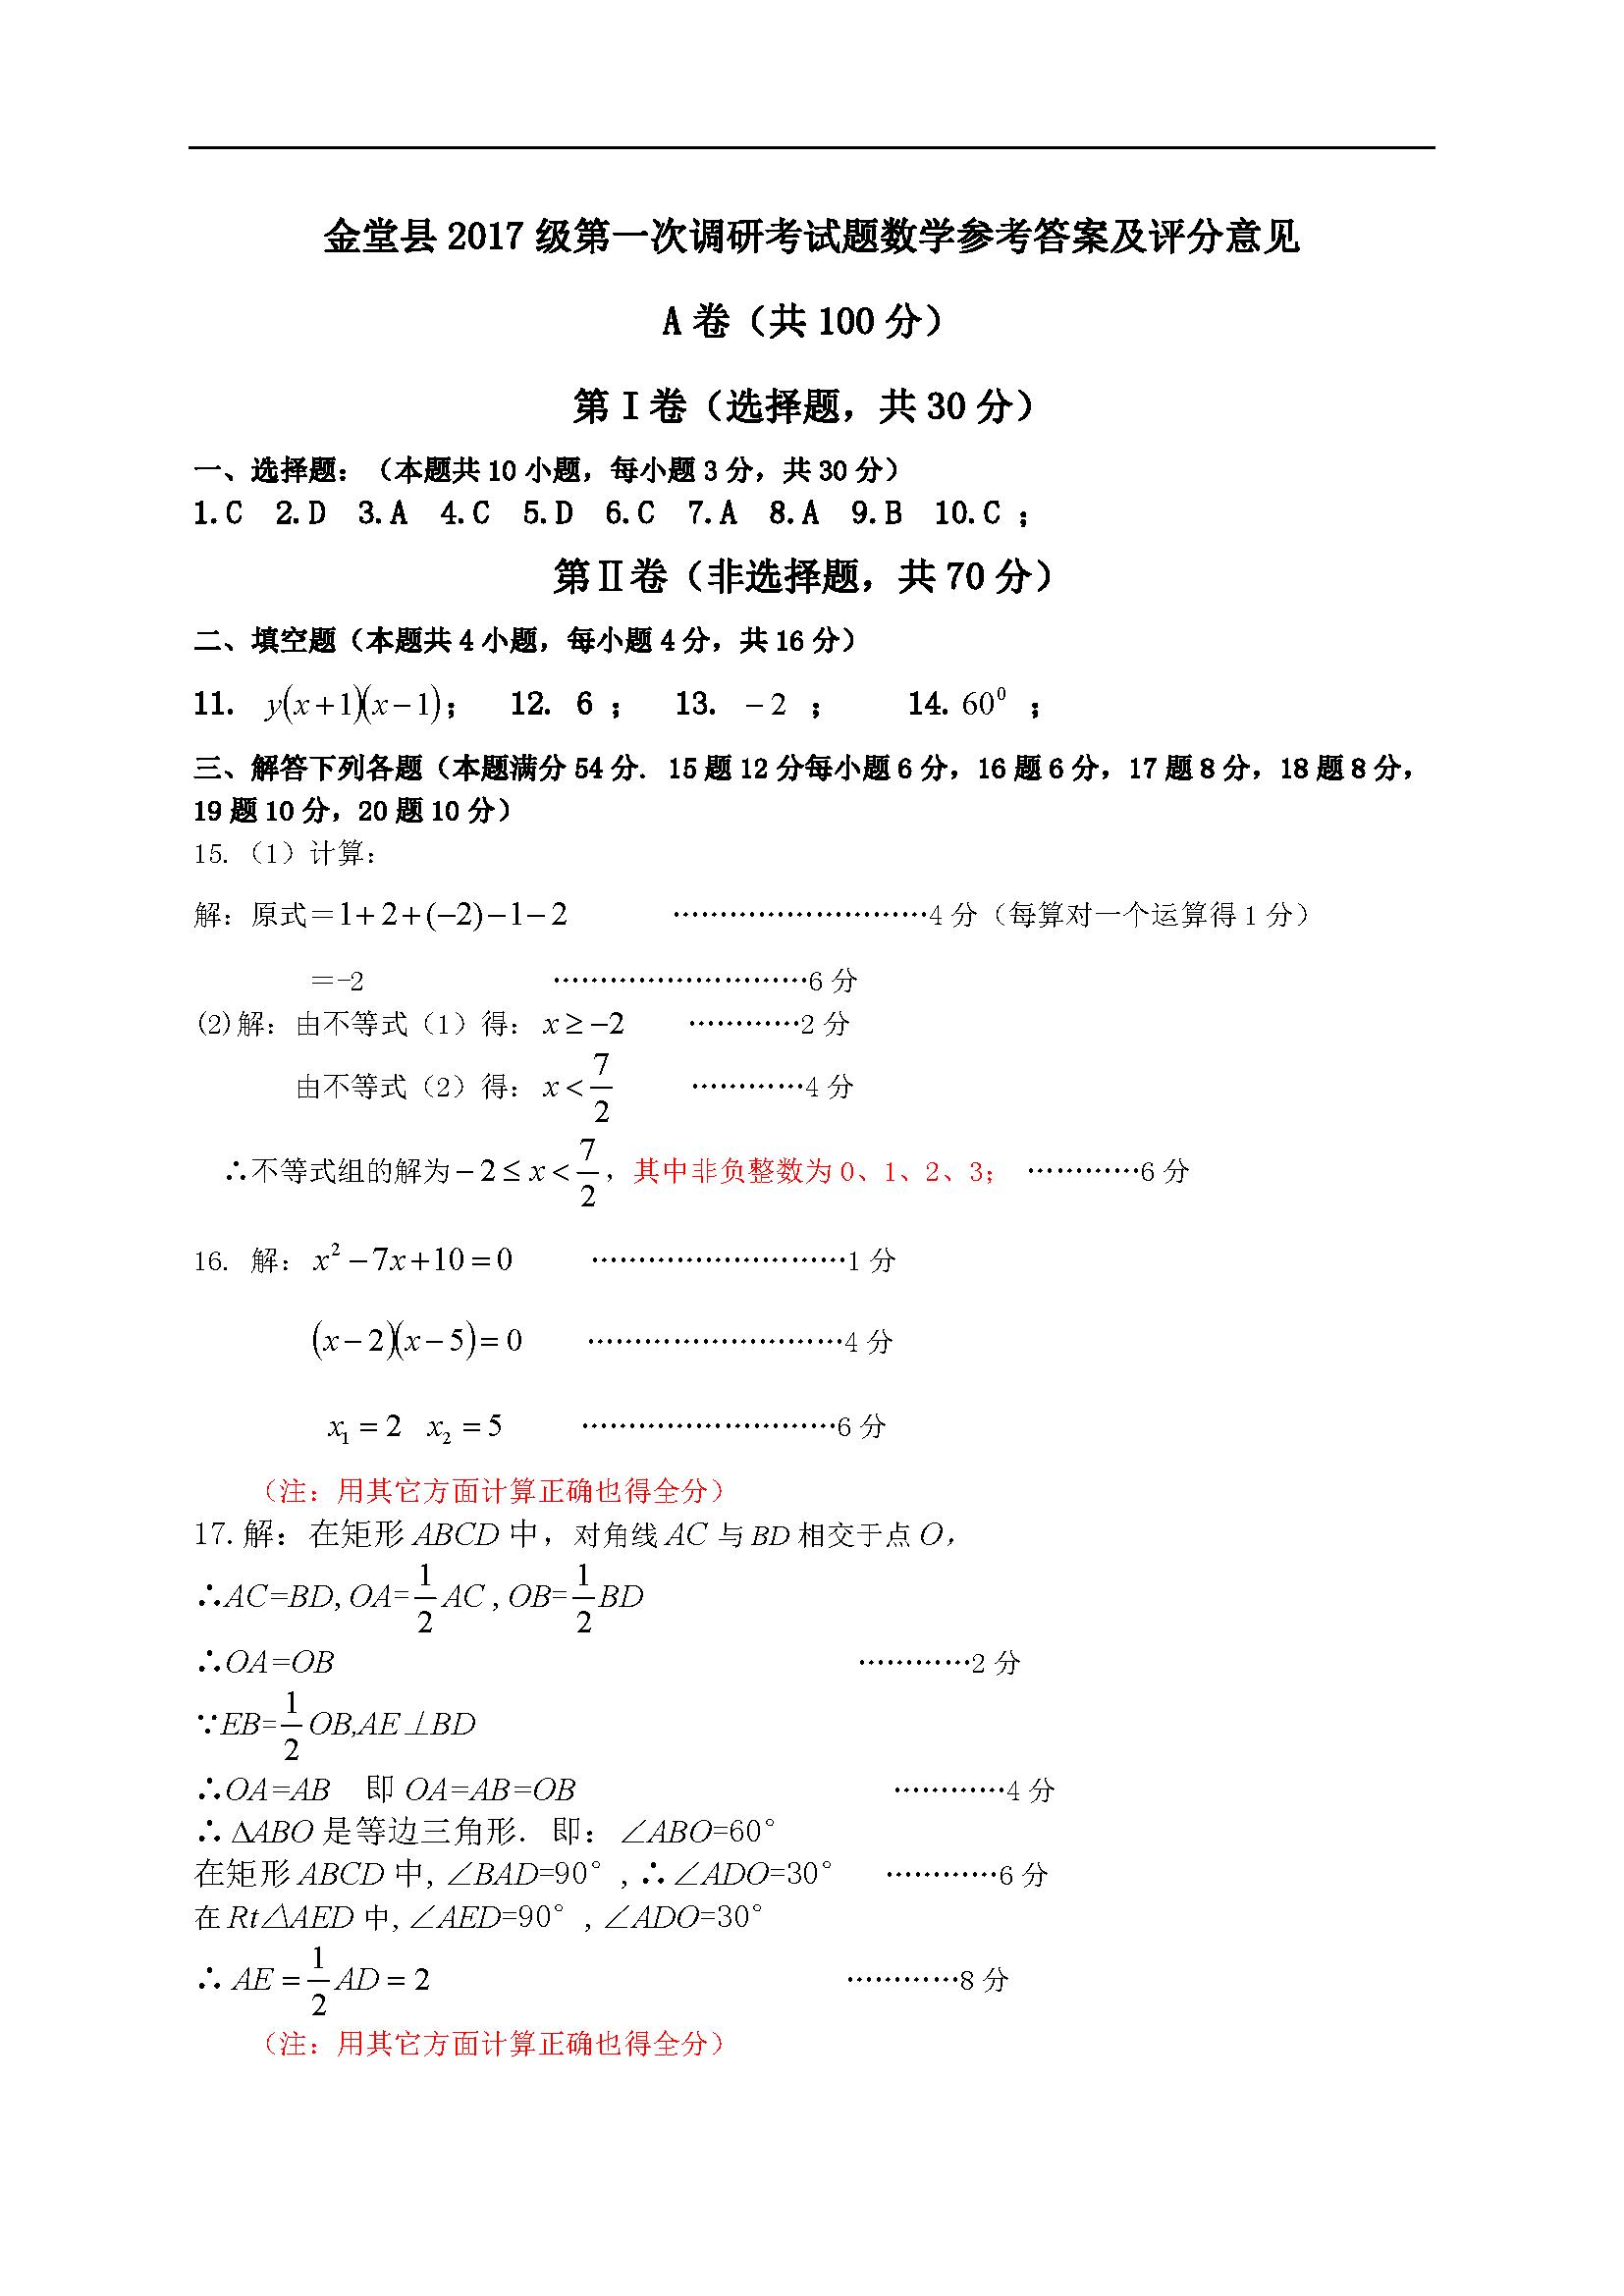 四川成都金堂2017九年级上第一次调研考试数学试题答案(图片版)